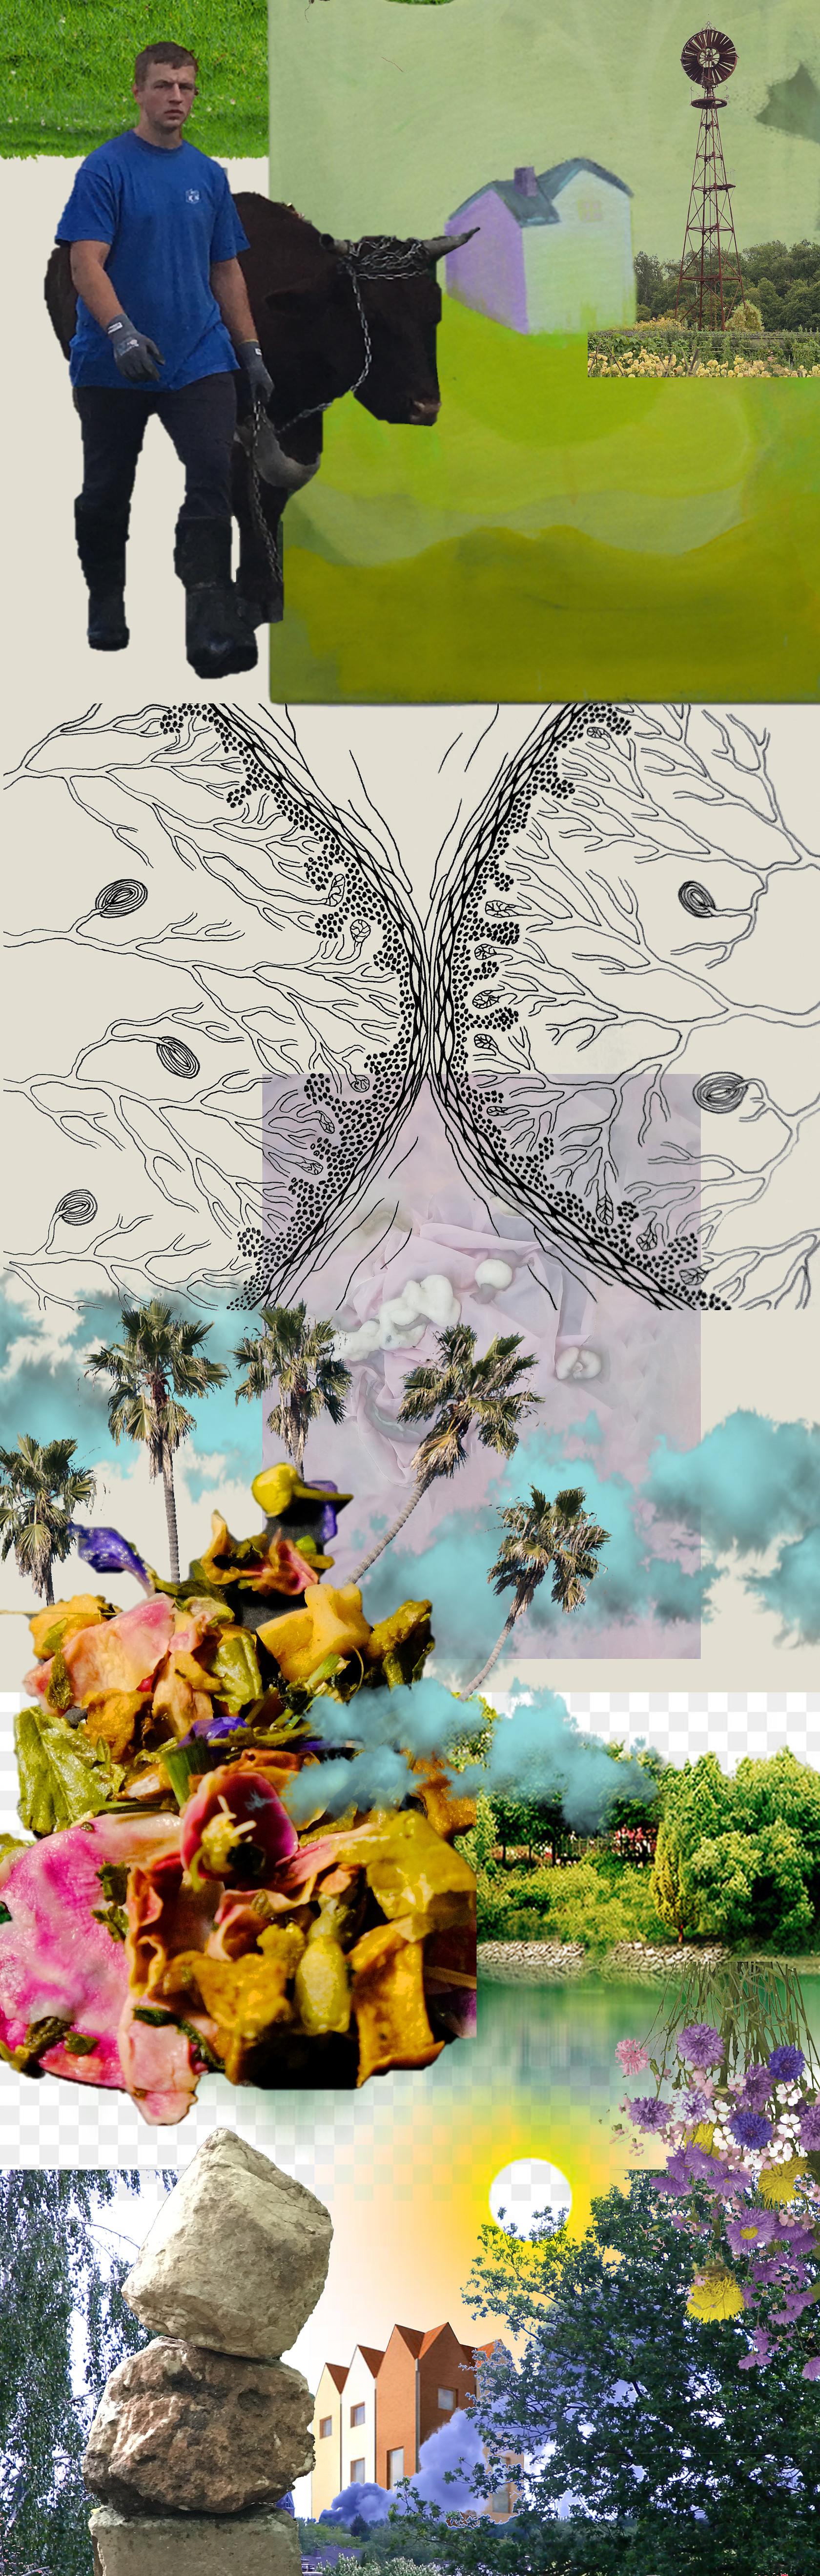 Collage_0616_B_Deel2.jpg